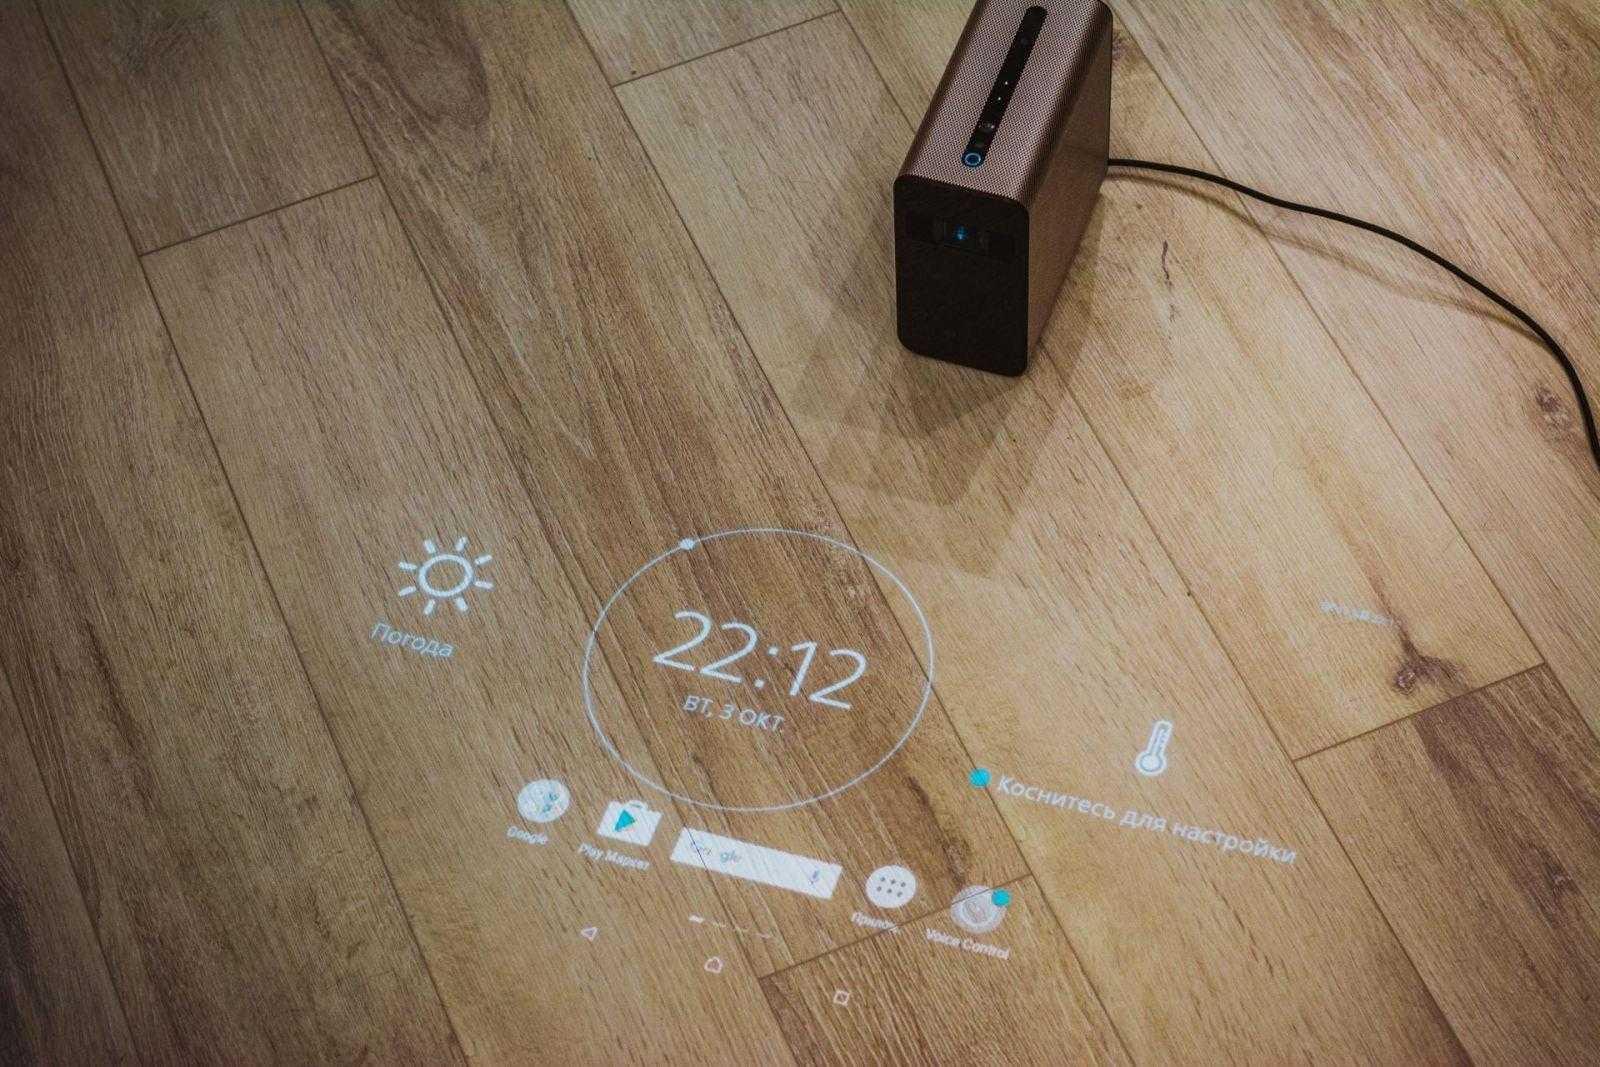 Обзор проектора Sony Xperia Touch. Потрогай виртуальность (DSC 5969)